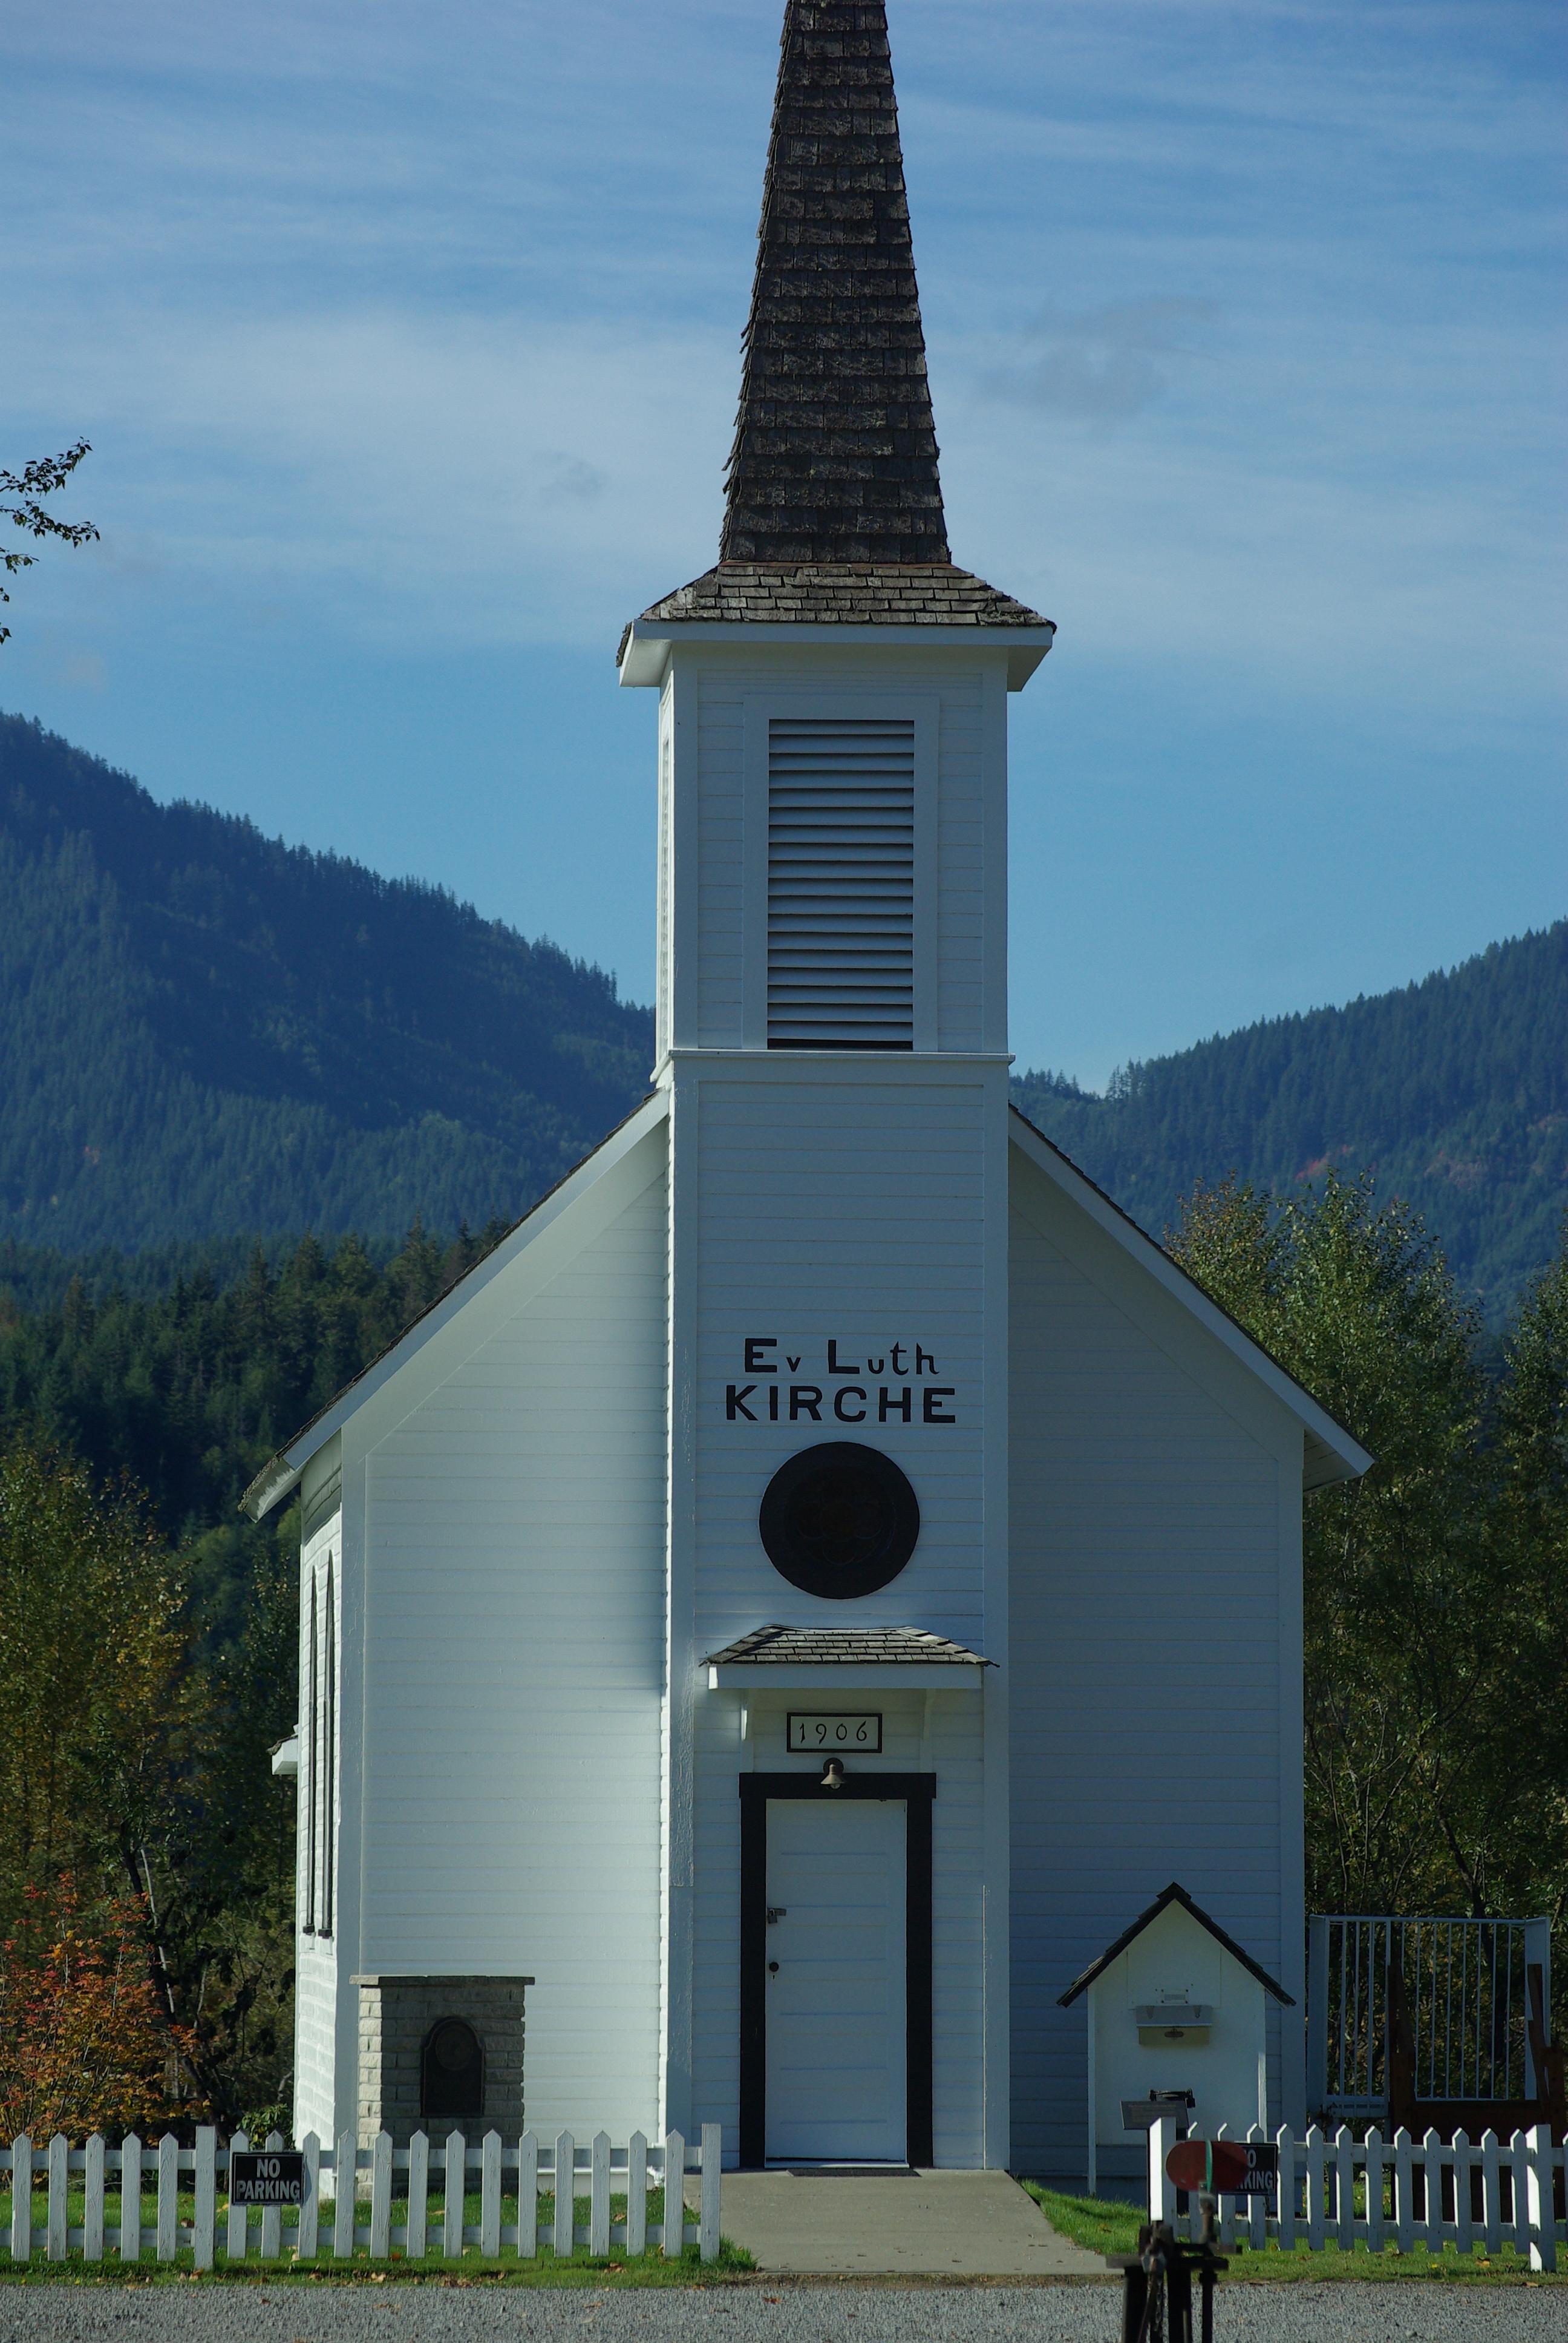 Ev Luth Kirche